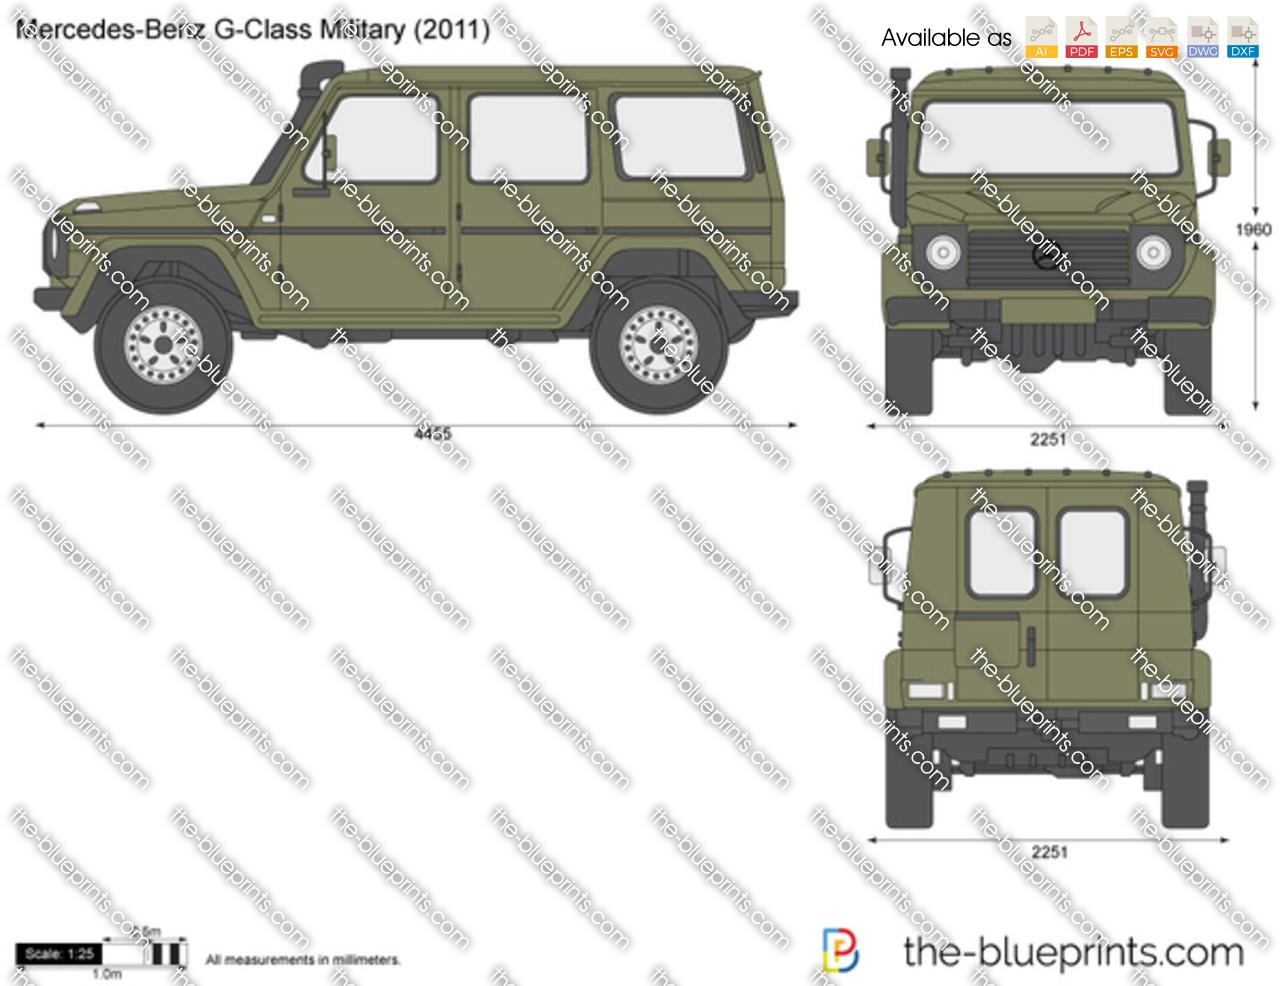 Mercedes-Benz G-Class Military 461 2001